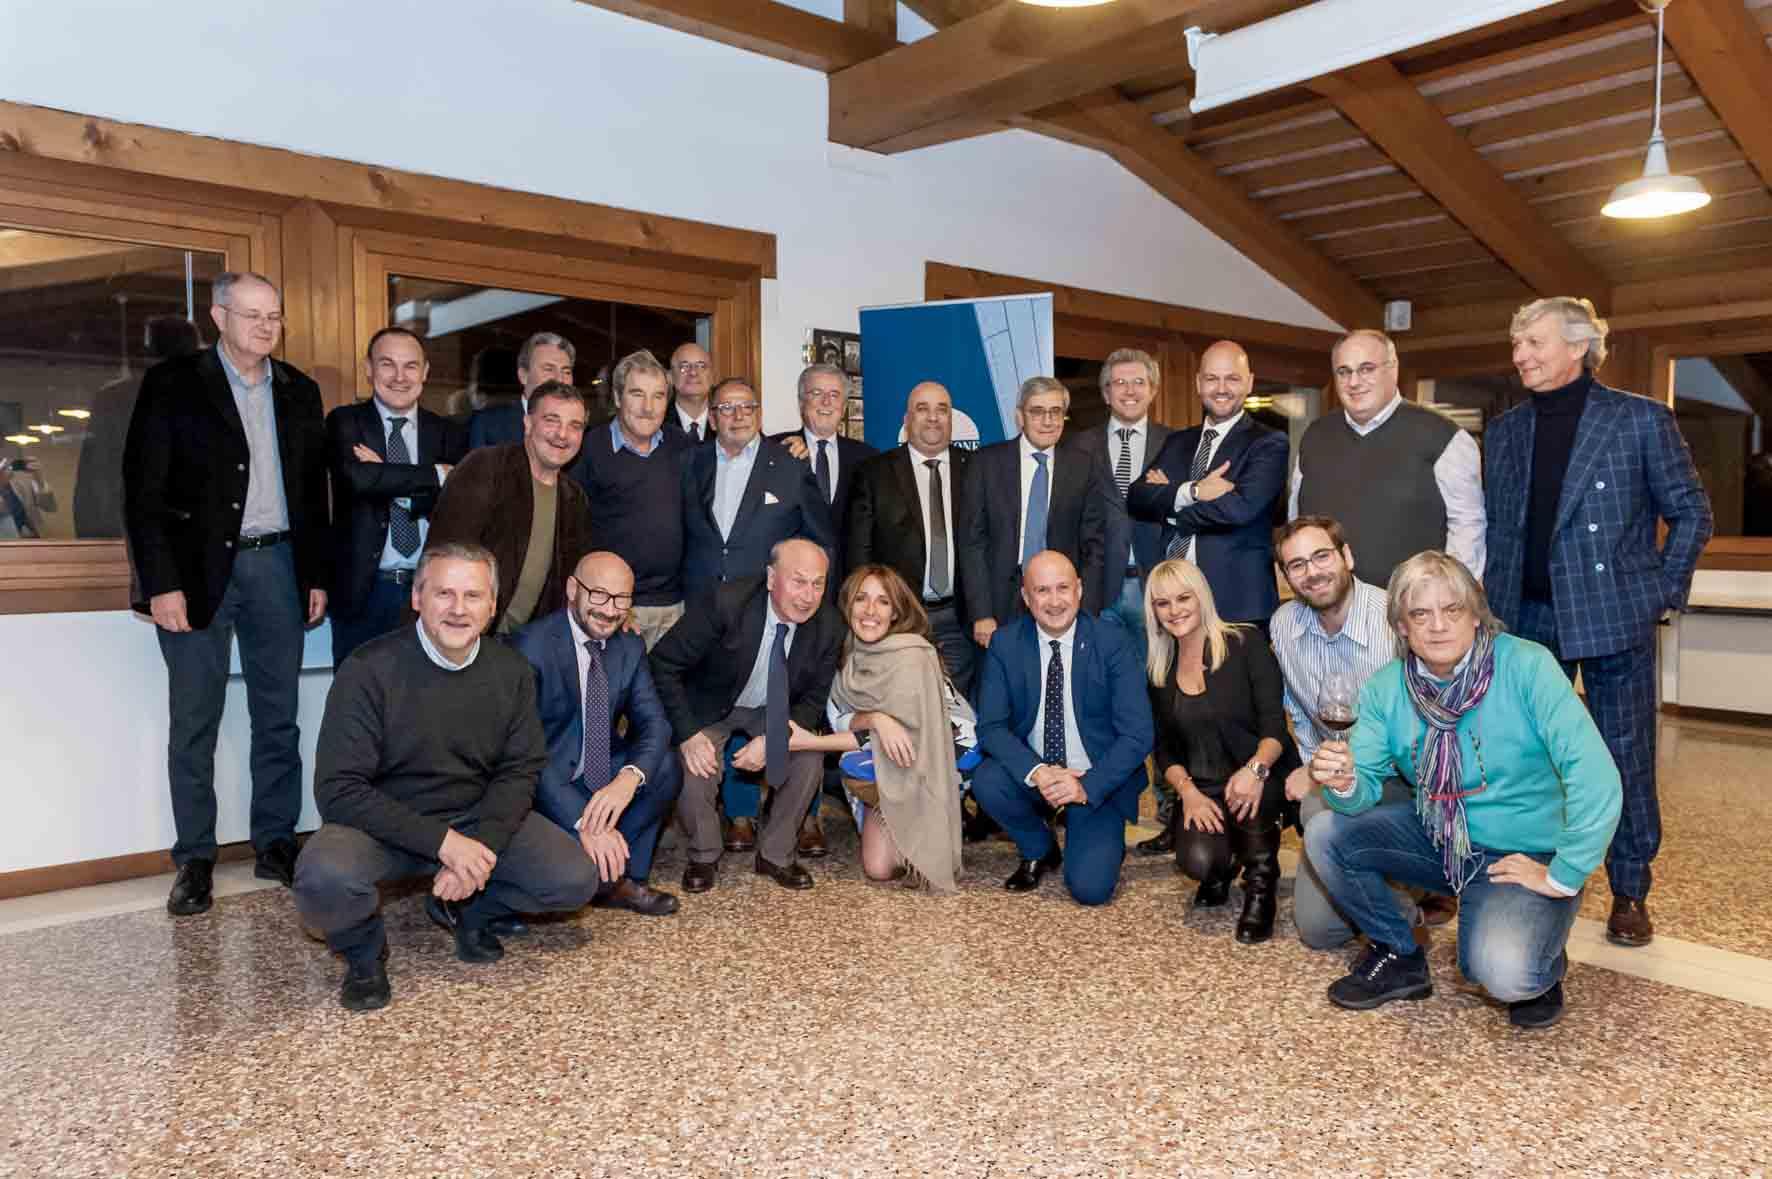 Santalucia 2018, la commissione di selezione